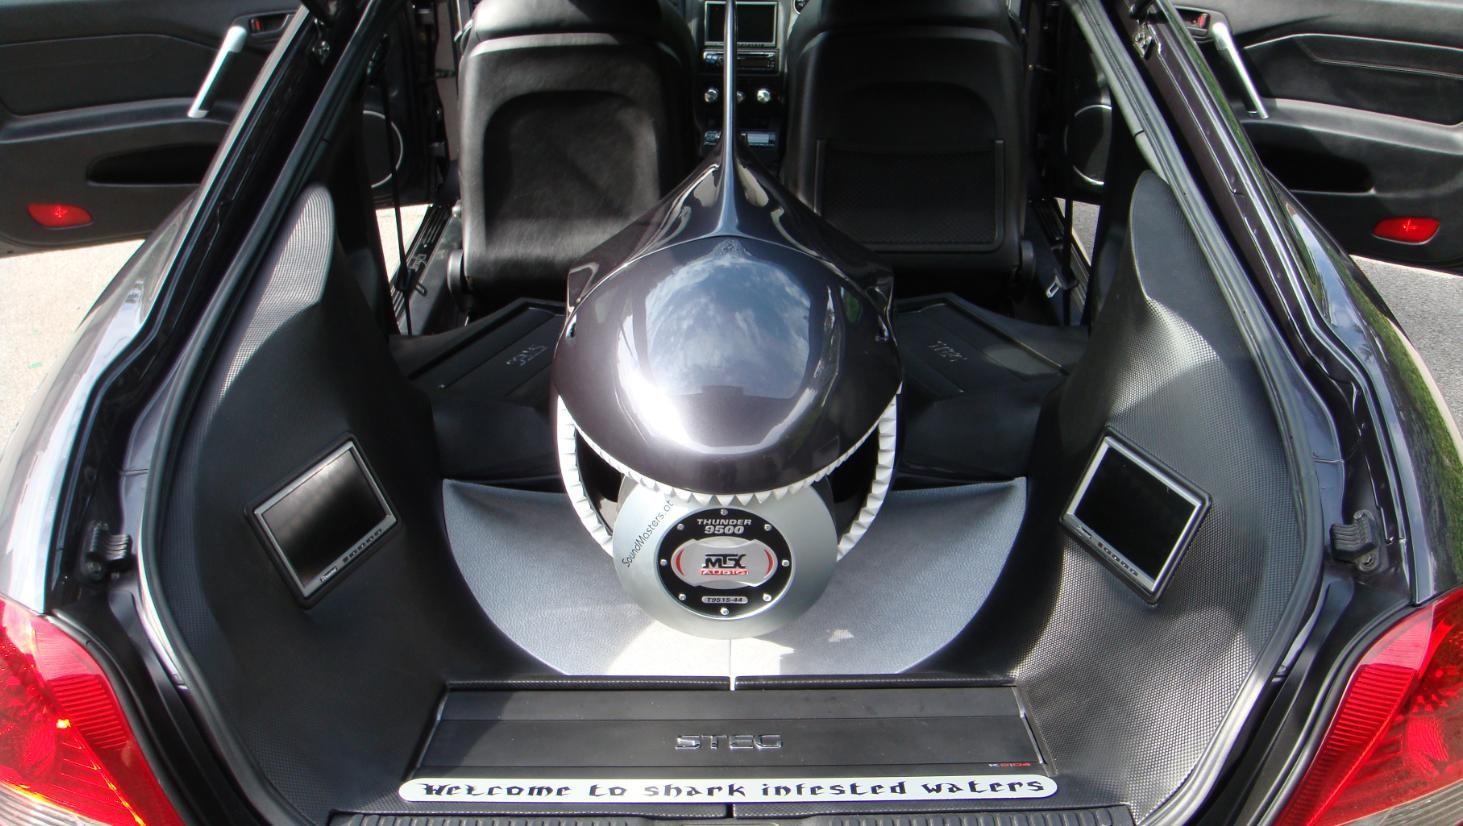 Hyundai Tiburon - Haifisch-Subwoofergehäuse